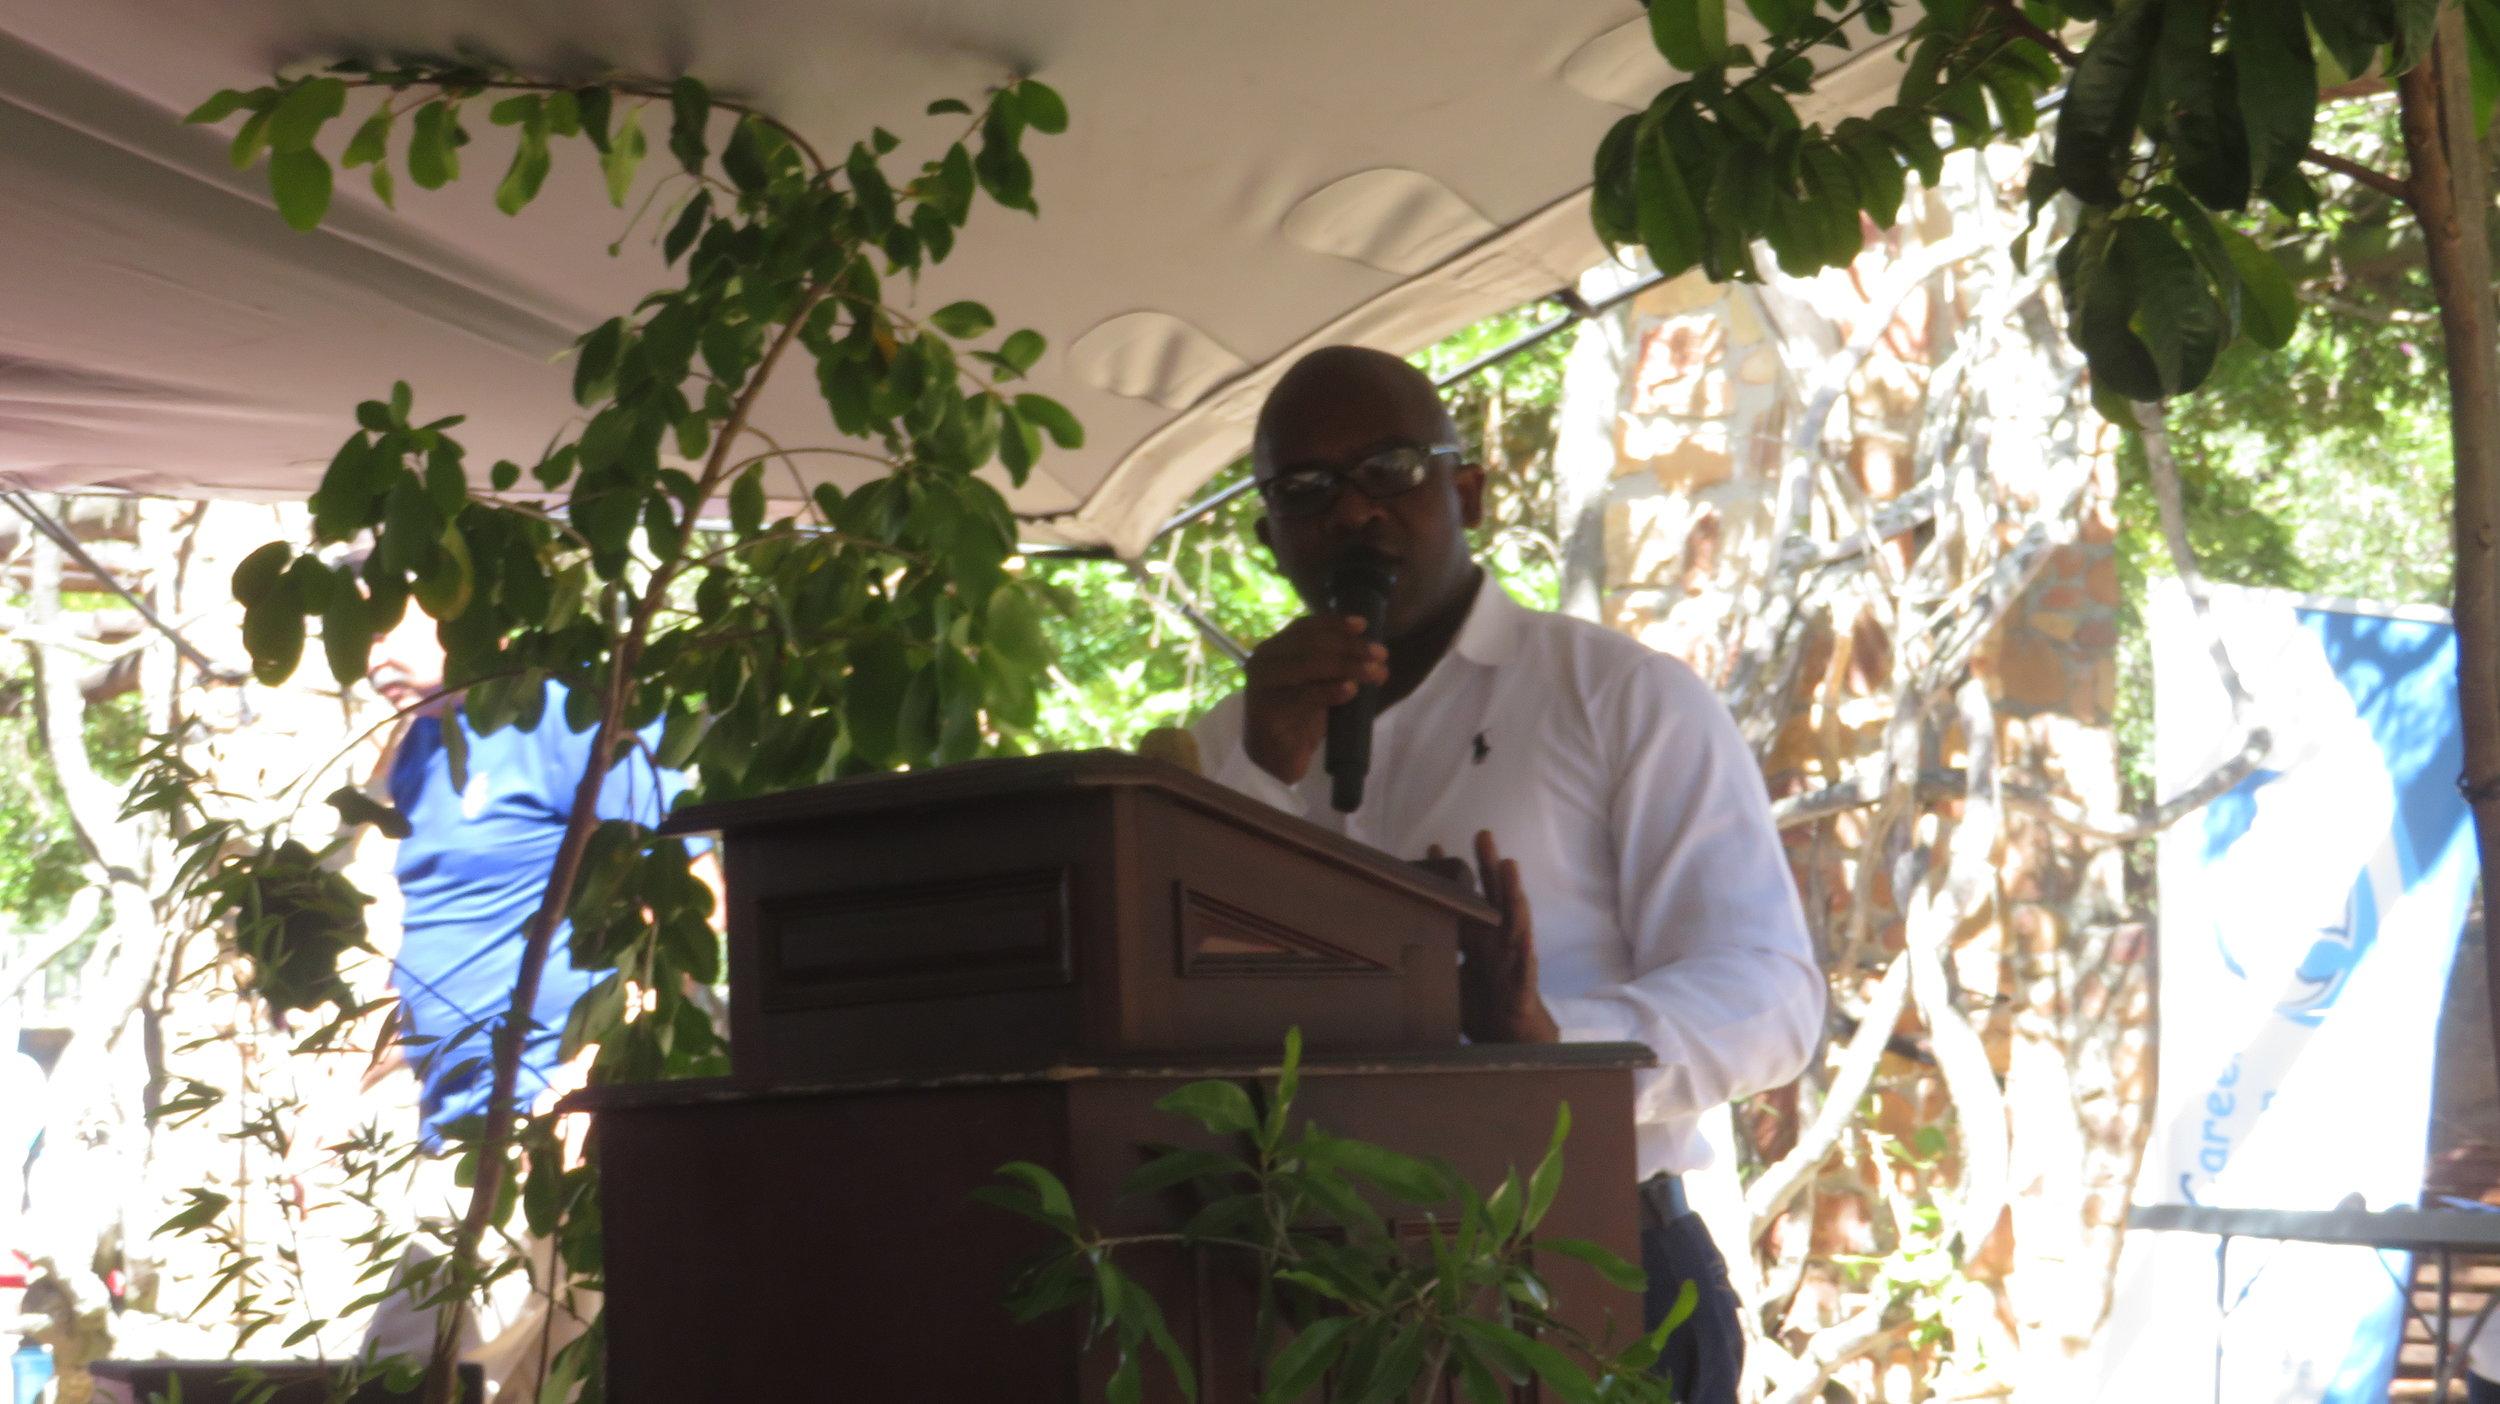 Deputy Mayor of Stellenbosch opening the Water Wise Festival